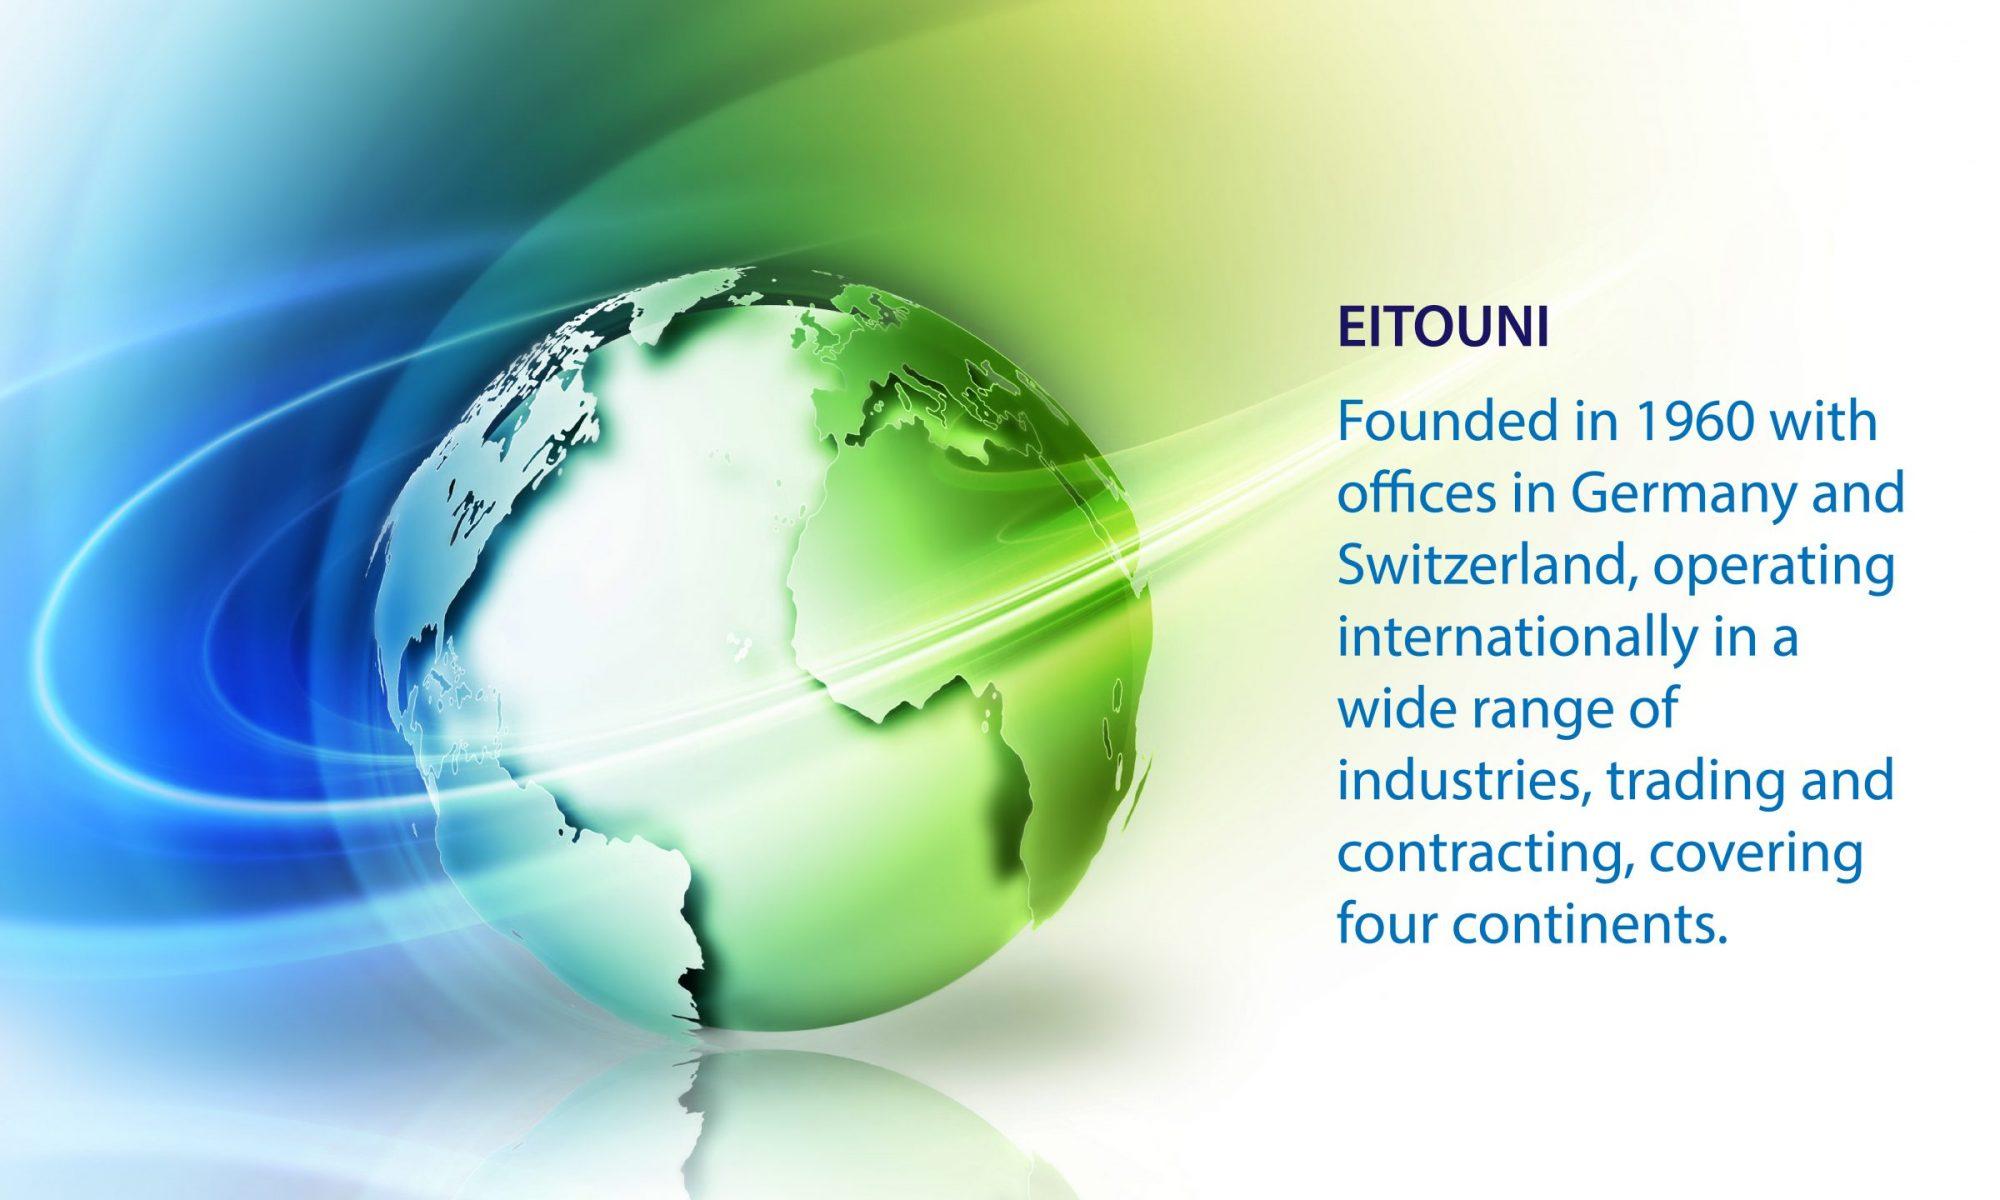 info@eitouni.com